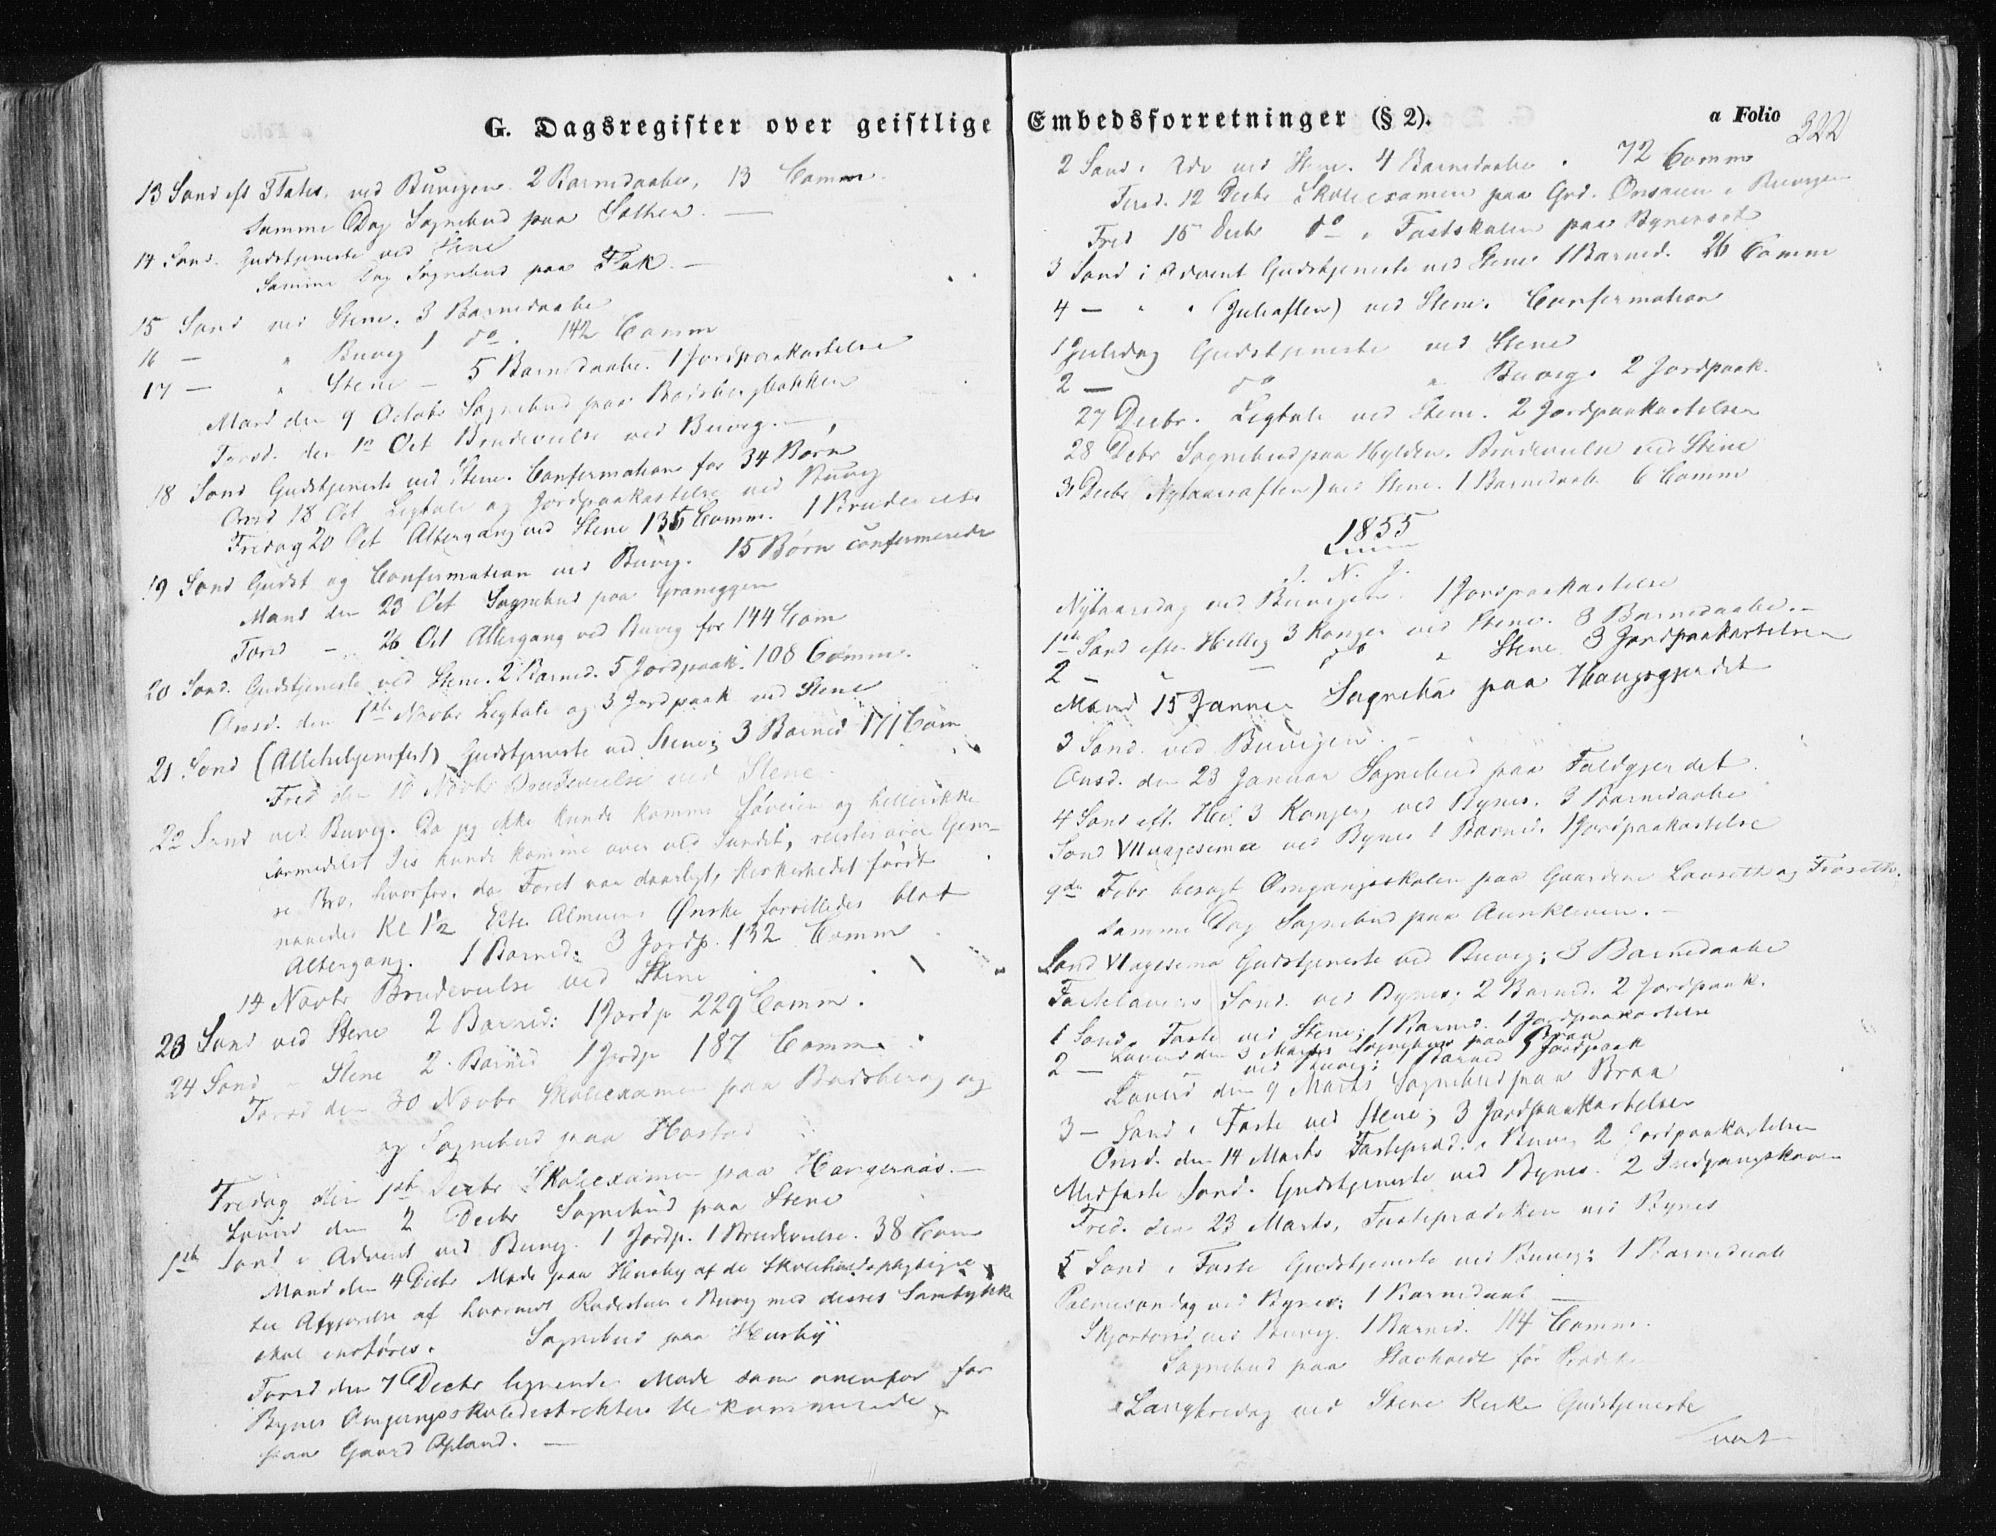 SAT, Ministerialprotokoller, klokkerbøker og fødselsregistre - Sør-Trøndelag, 612/L0376: Ministerialbok nr. 612A08, 1846-1859, s. 322